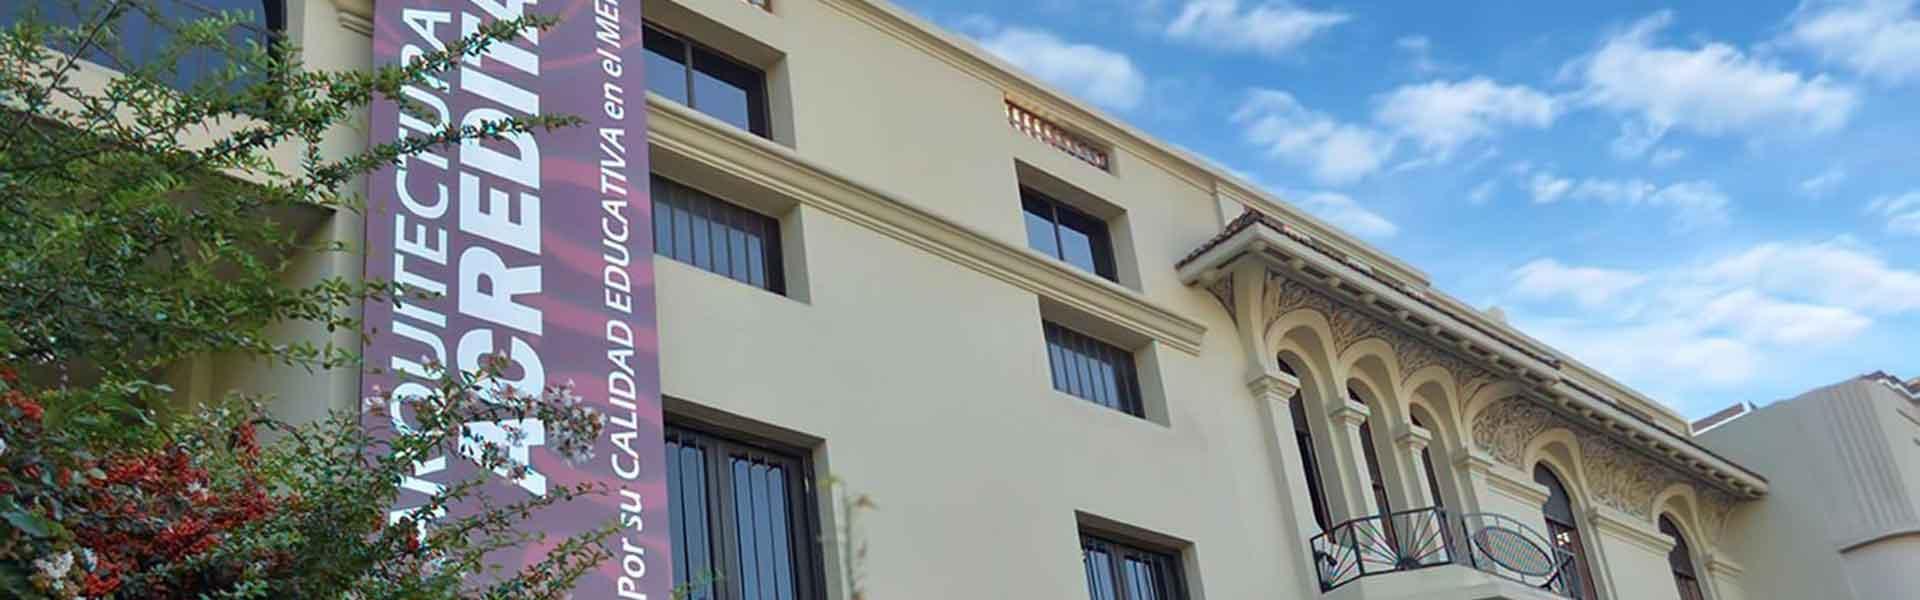 Acreditación mercosur 2022 - Facultad de Arquitectura - Universidad ORT Uruguay